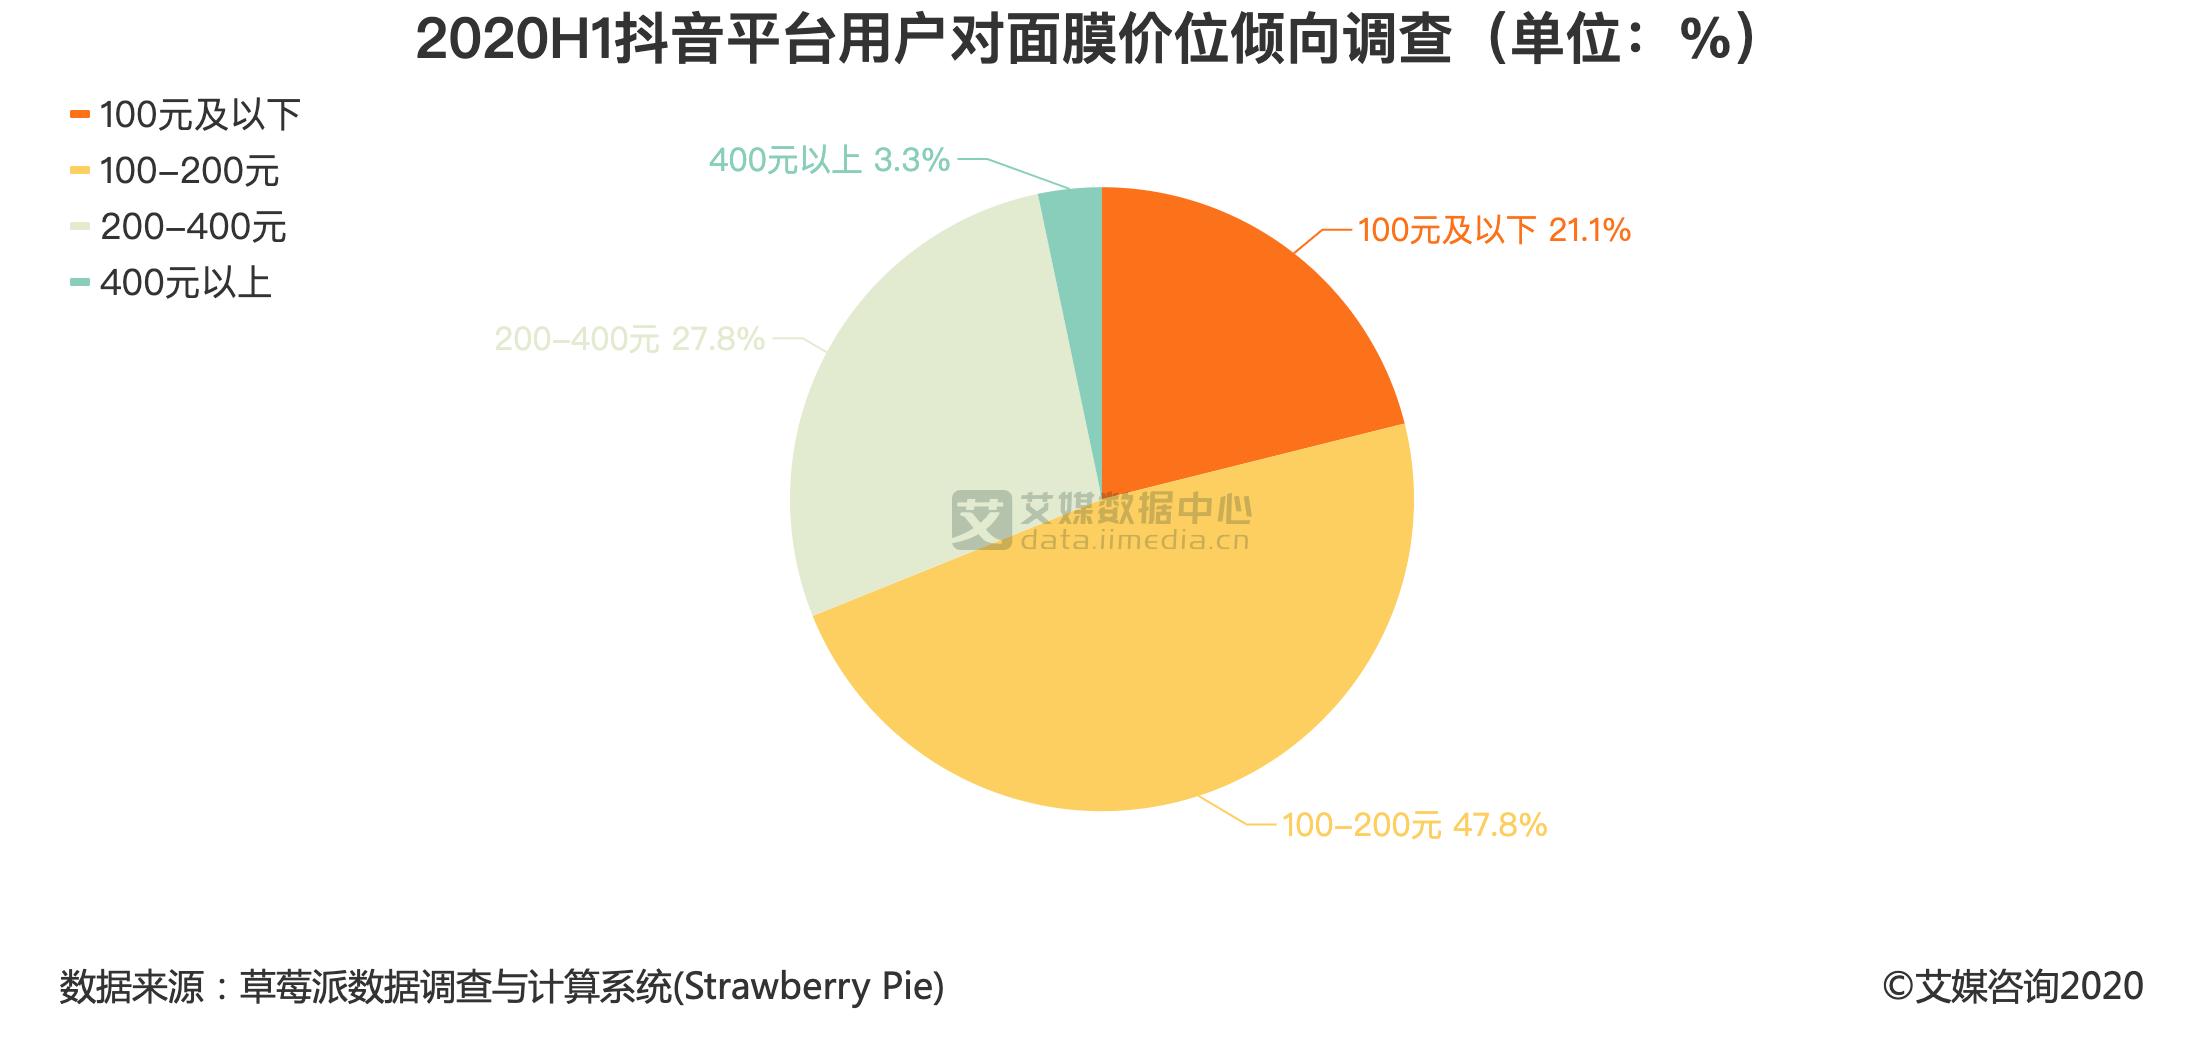 2020H1抖音平台用户对面膜价位倾向调查(单位:%)